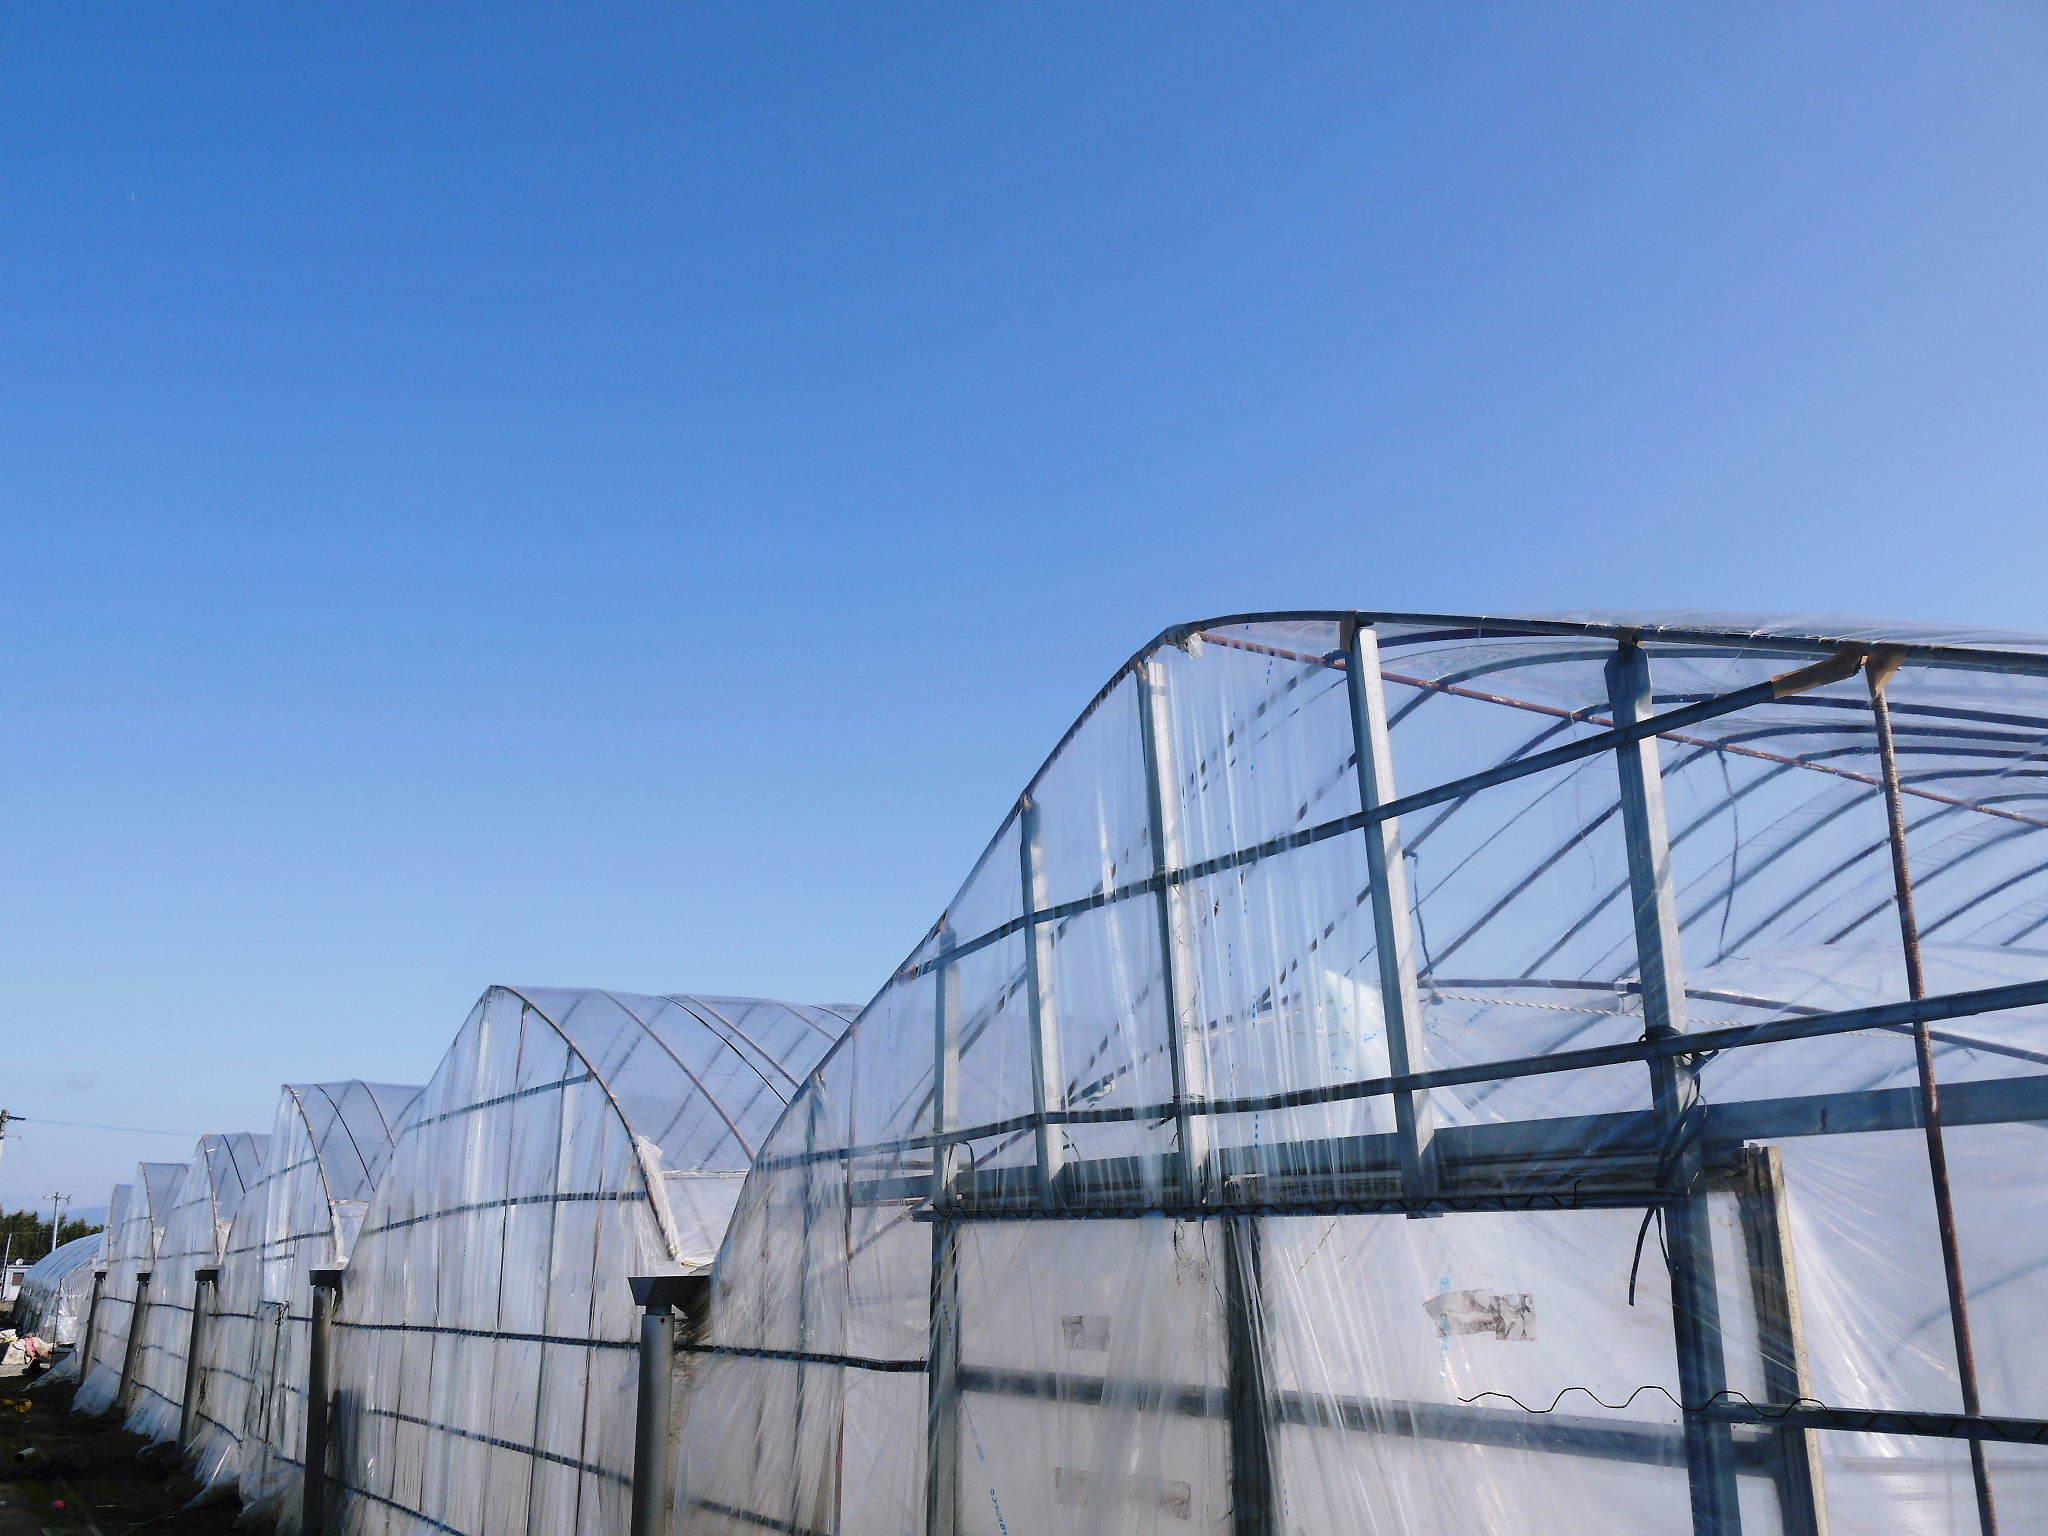 夢スイカ スイカのつる引き後の様子(2020) 小玉は3本仕立ての2玉収穫、大玉は2本仕立ての1玉収穫!_a0254656_16510024.jpg